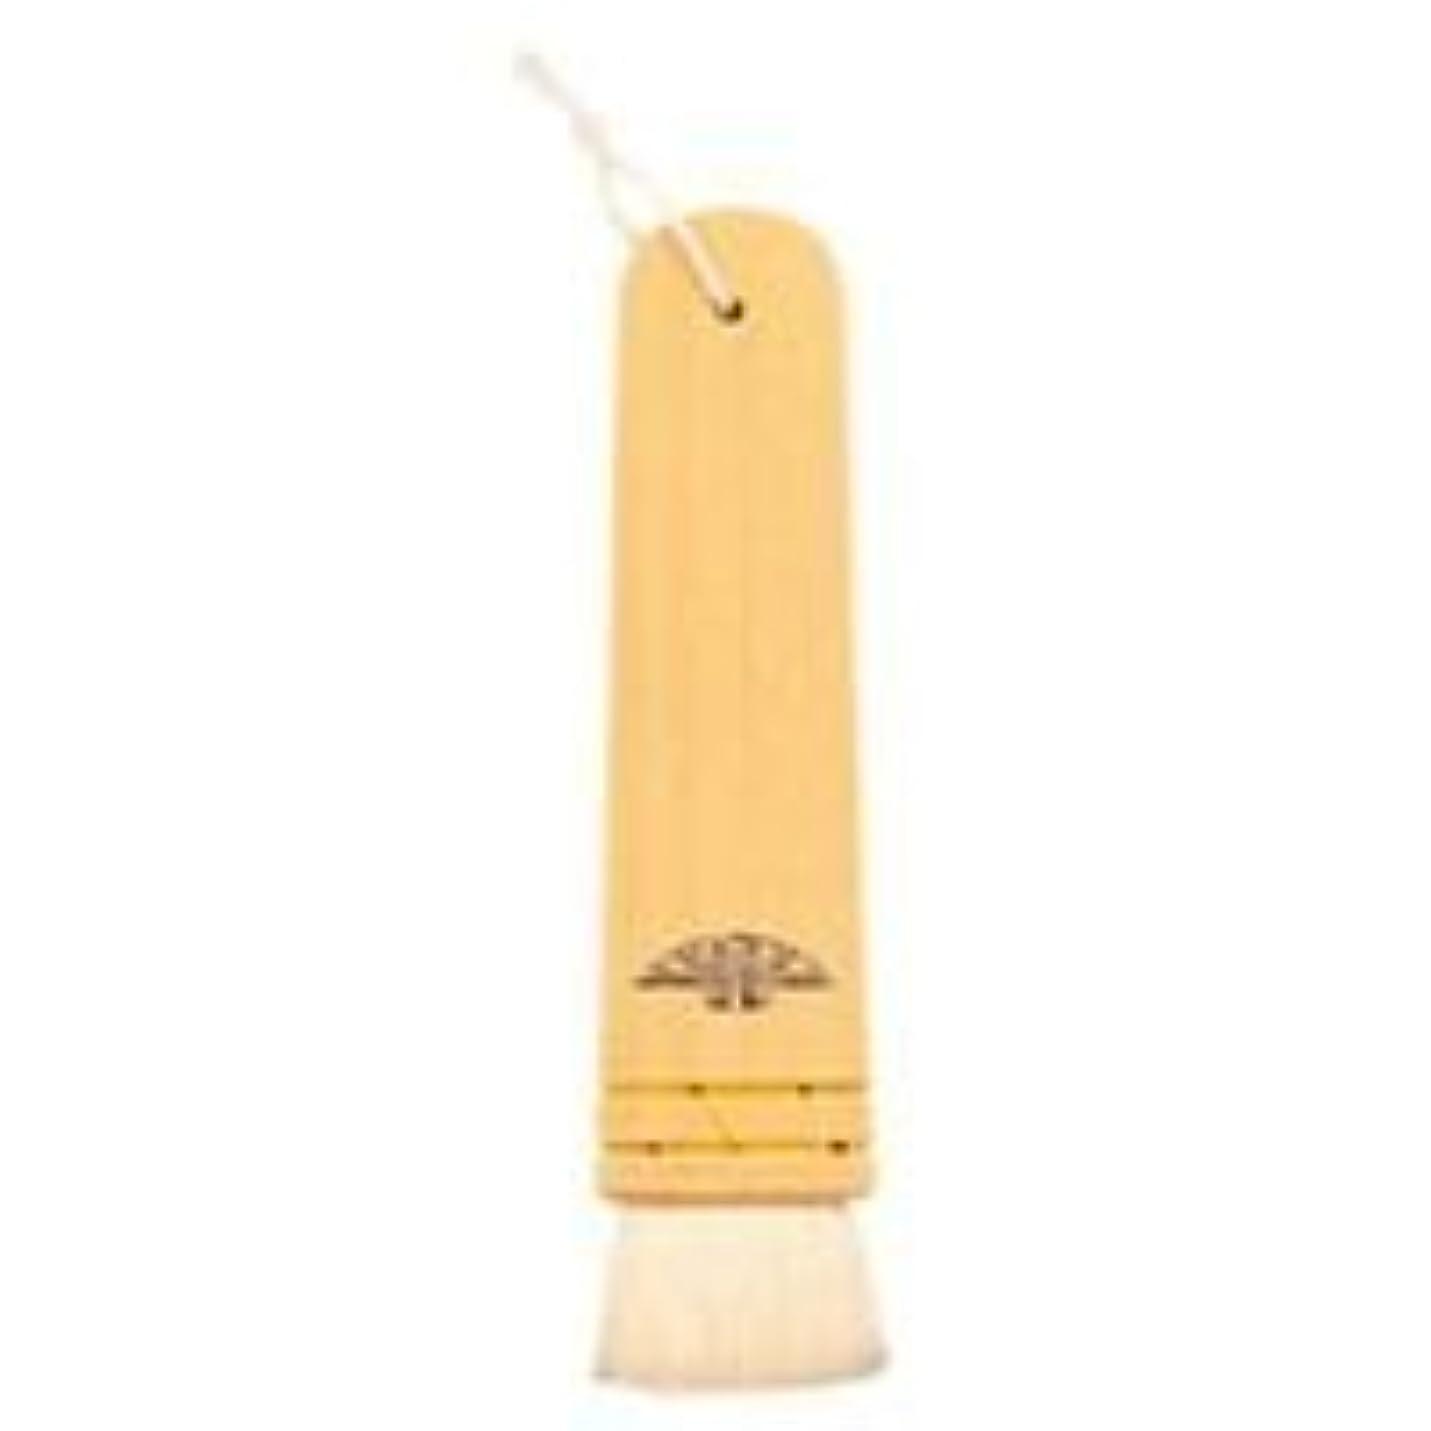 分類瞑想的日焼け三善 長柄板刷毛 メイクブラシ 木製 30mm 山羊毛 適度なコシと柔らかな毛 使用 (C)